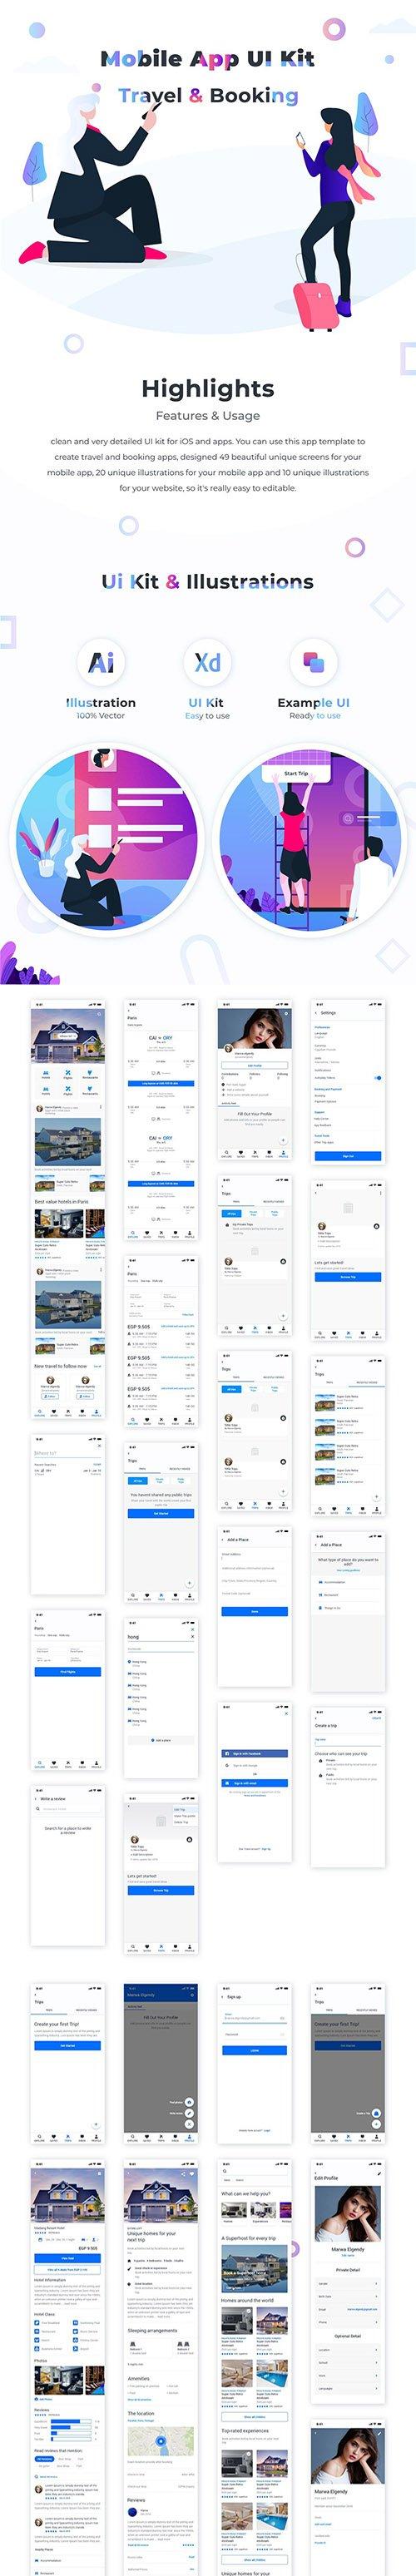 Travel & Booking UI kit